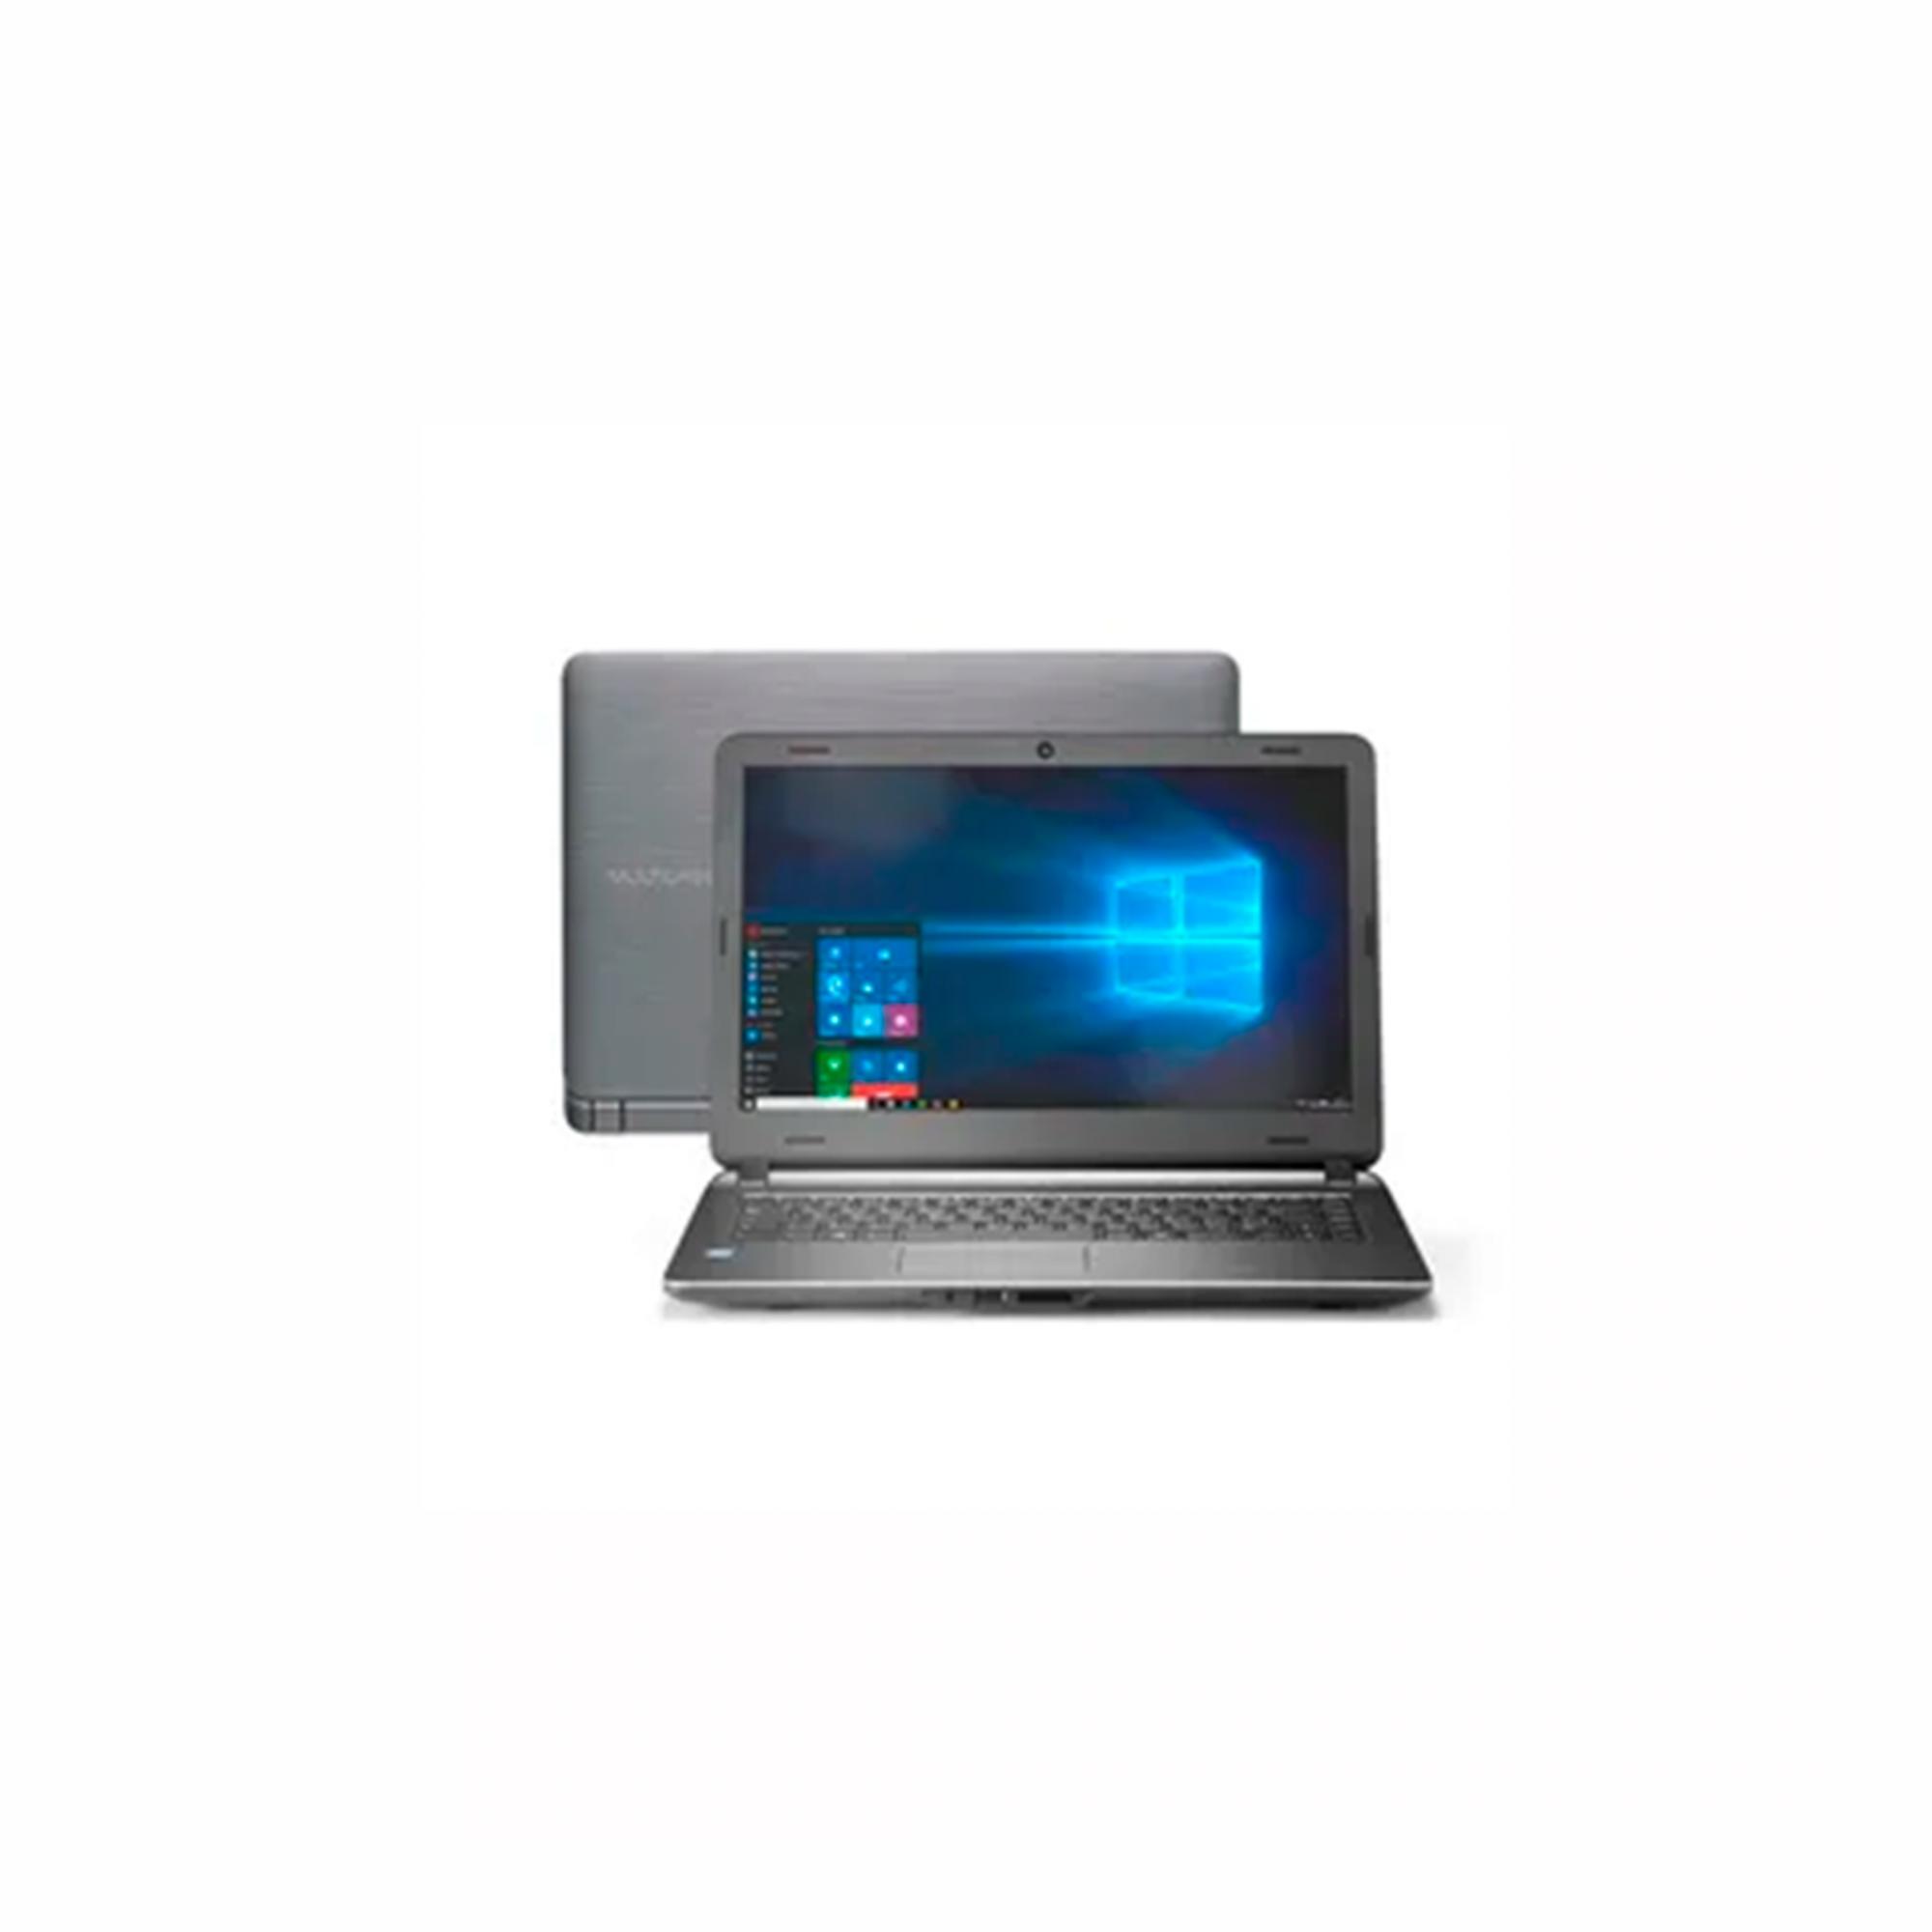 NOTEBOOK CORE I3 WINDOWS 4GB PC400 MUL